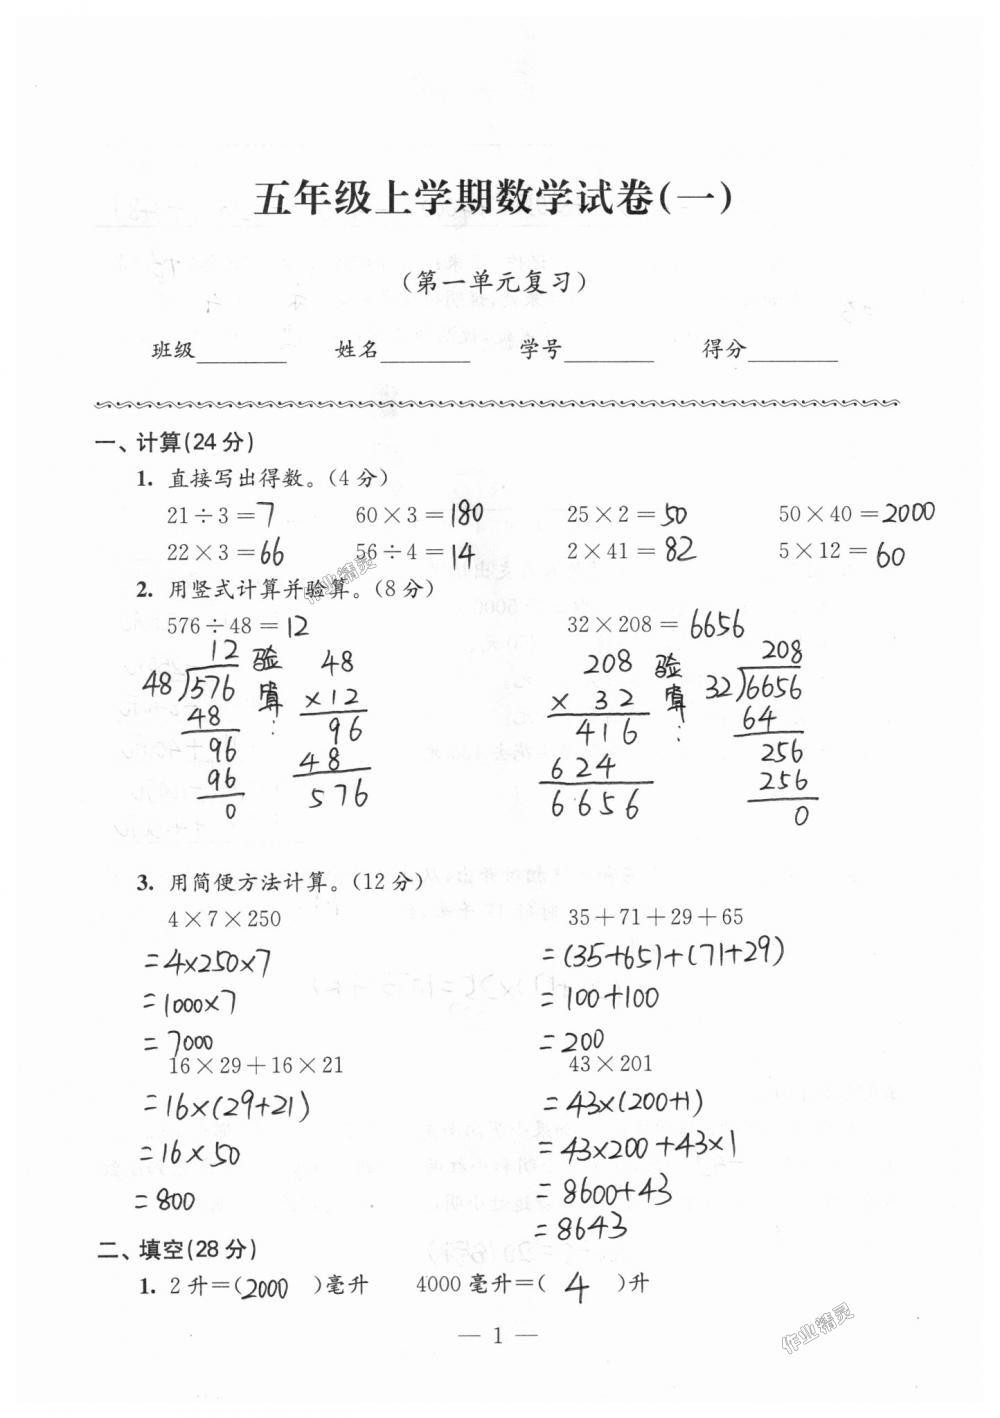 2018年练习与测试检测卷五年级数学上册苏教版第1页